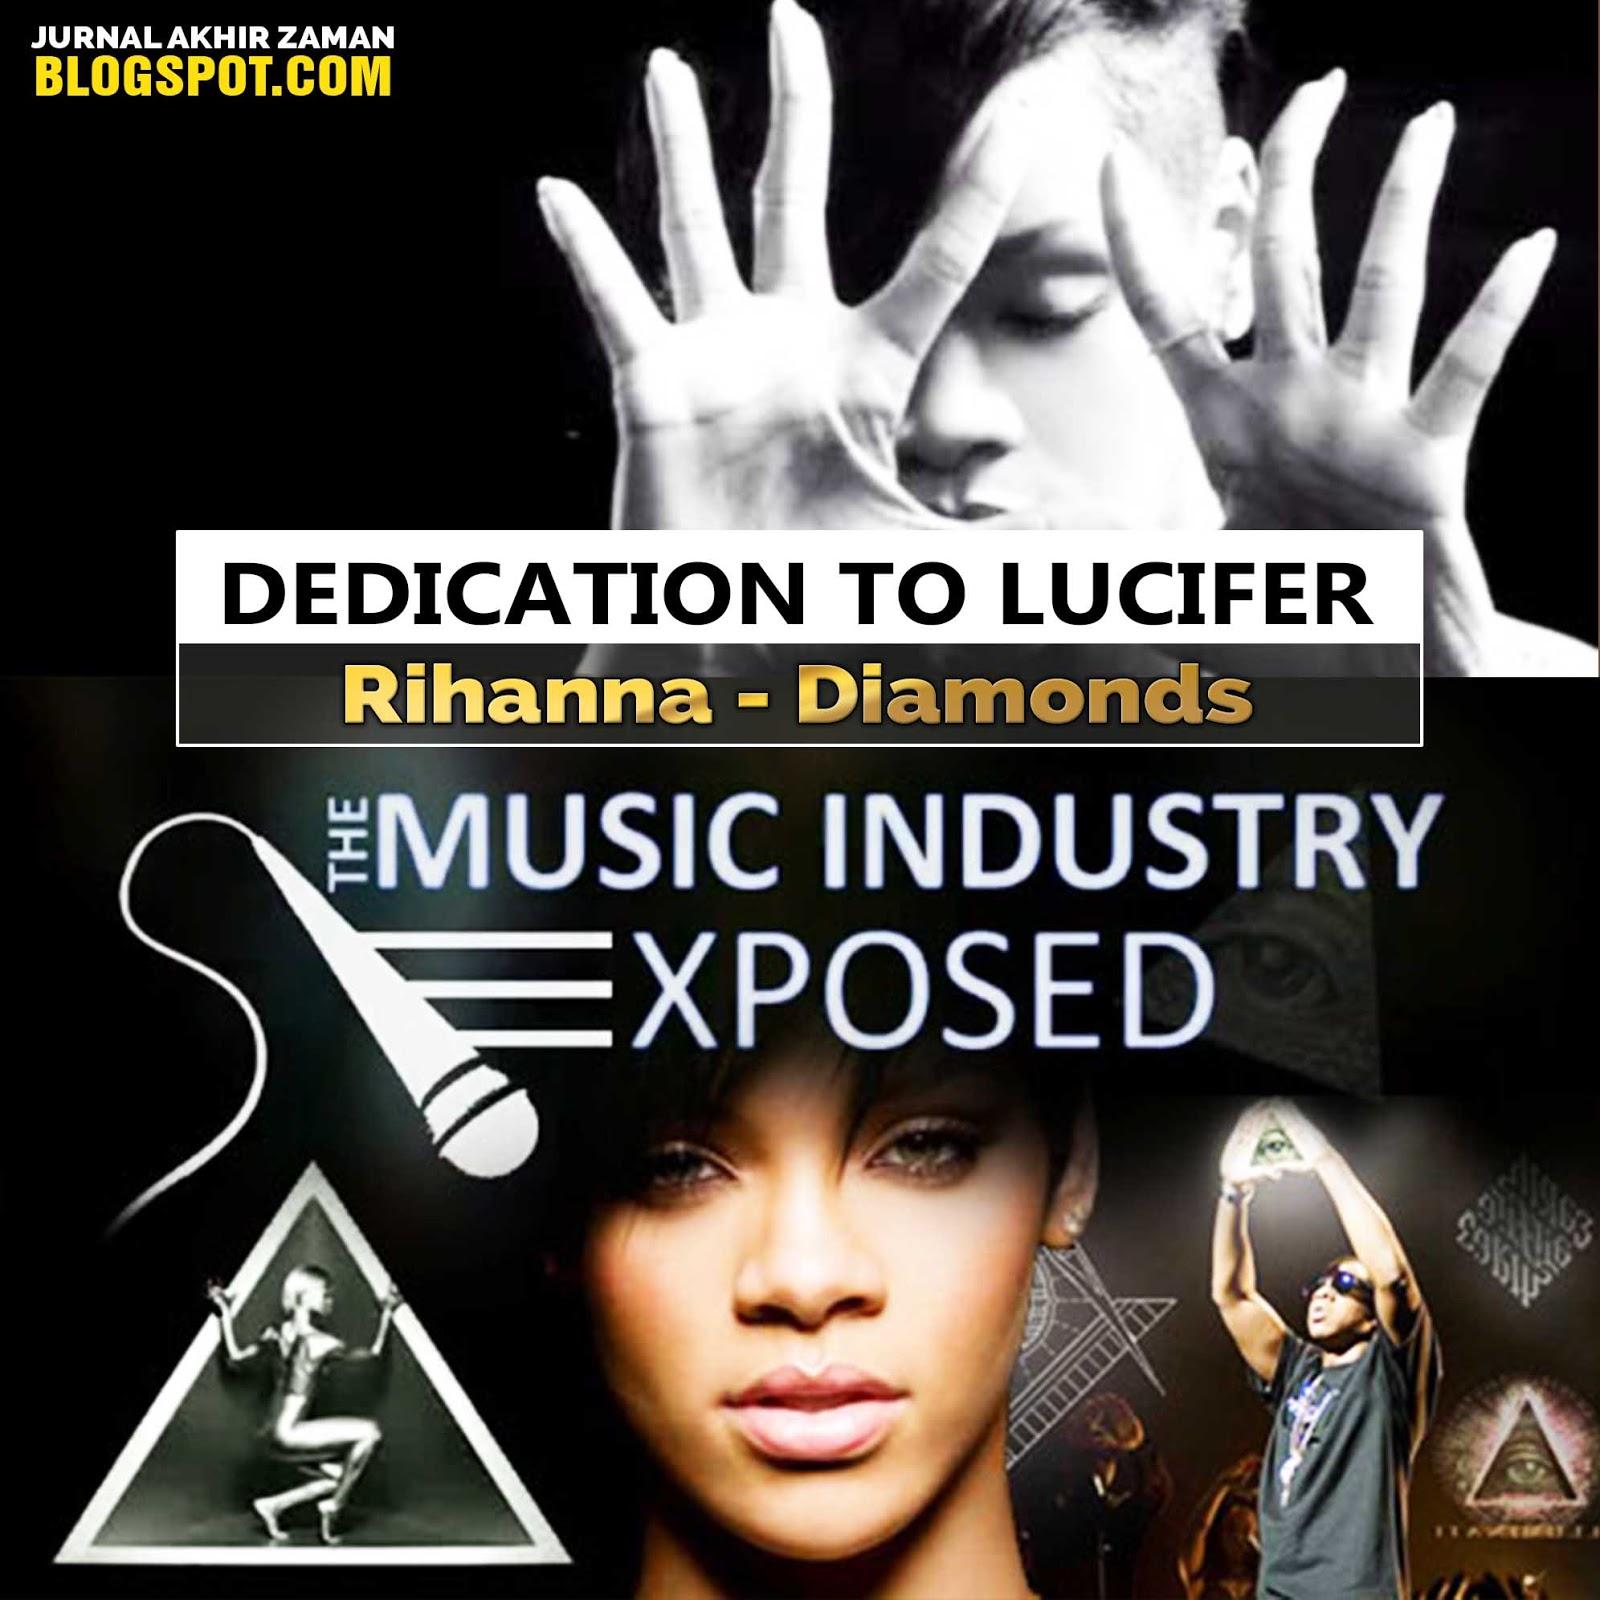 Lucifer Dalam Islam Adalah: Lagu Bagi Lucifer - Illuminati Music